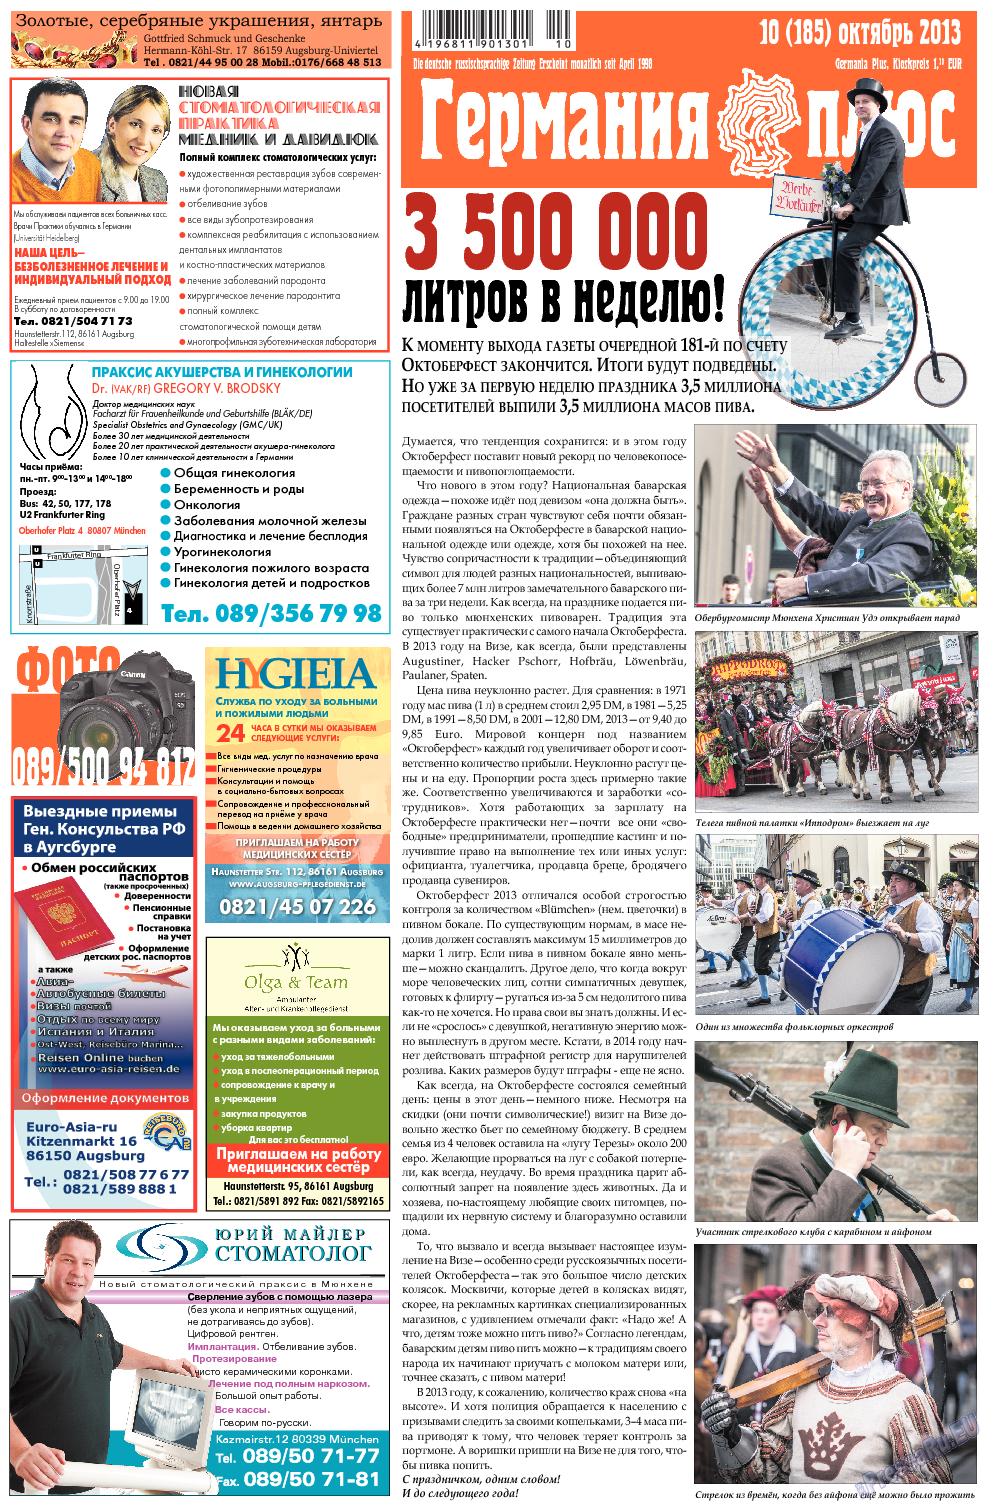 Германия плюс (газета). 2013 год, номер 10, стр. 1